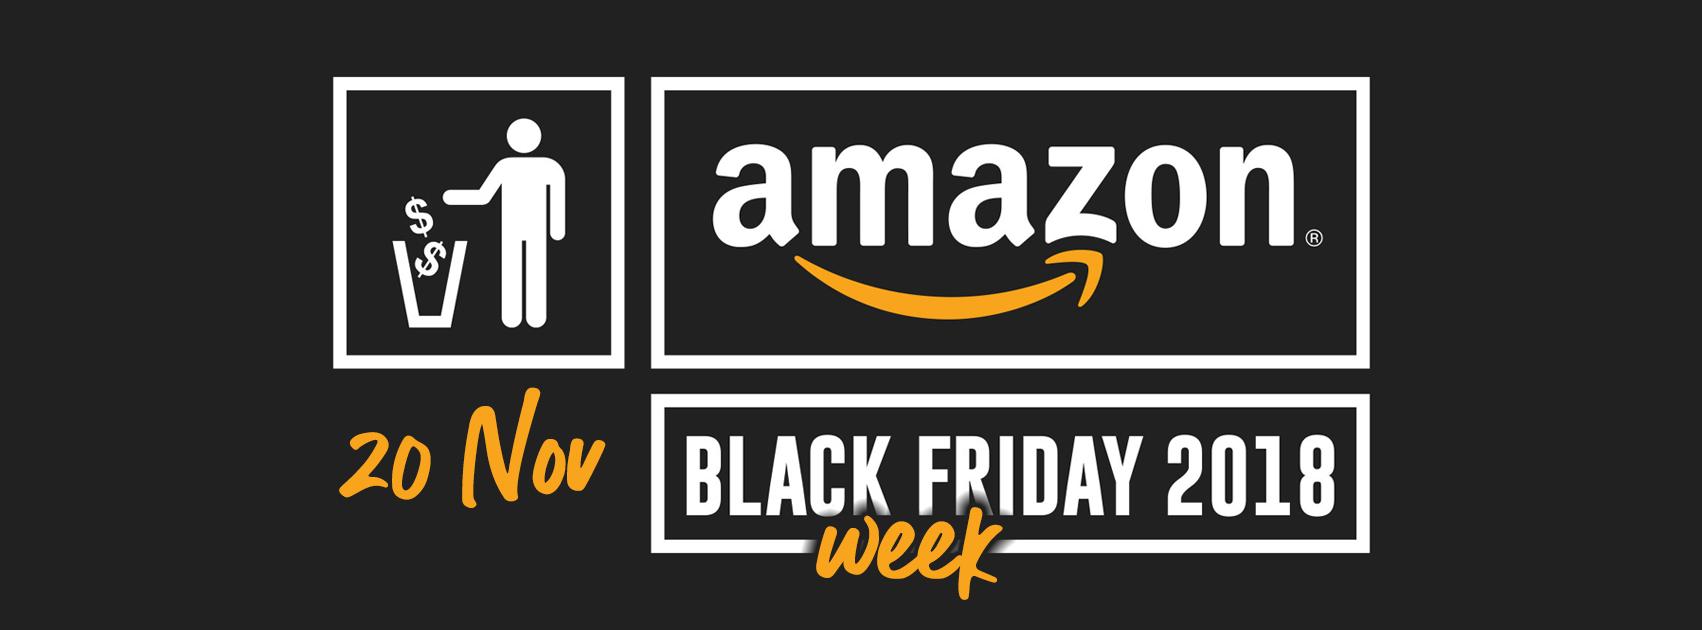 Amazon Black Friday 2018: Le migliori offerte di martedì 20 novembre